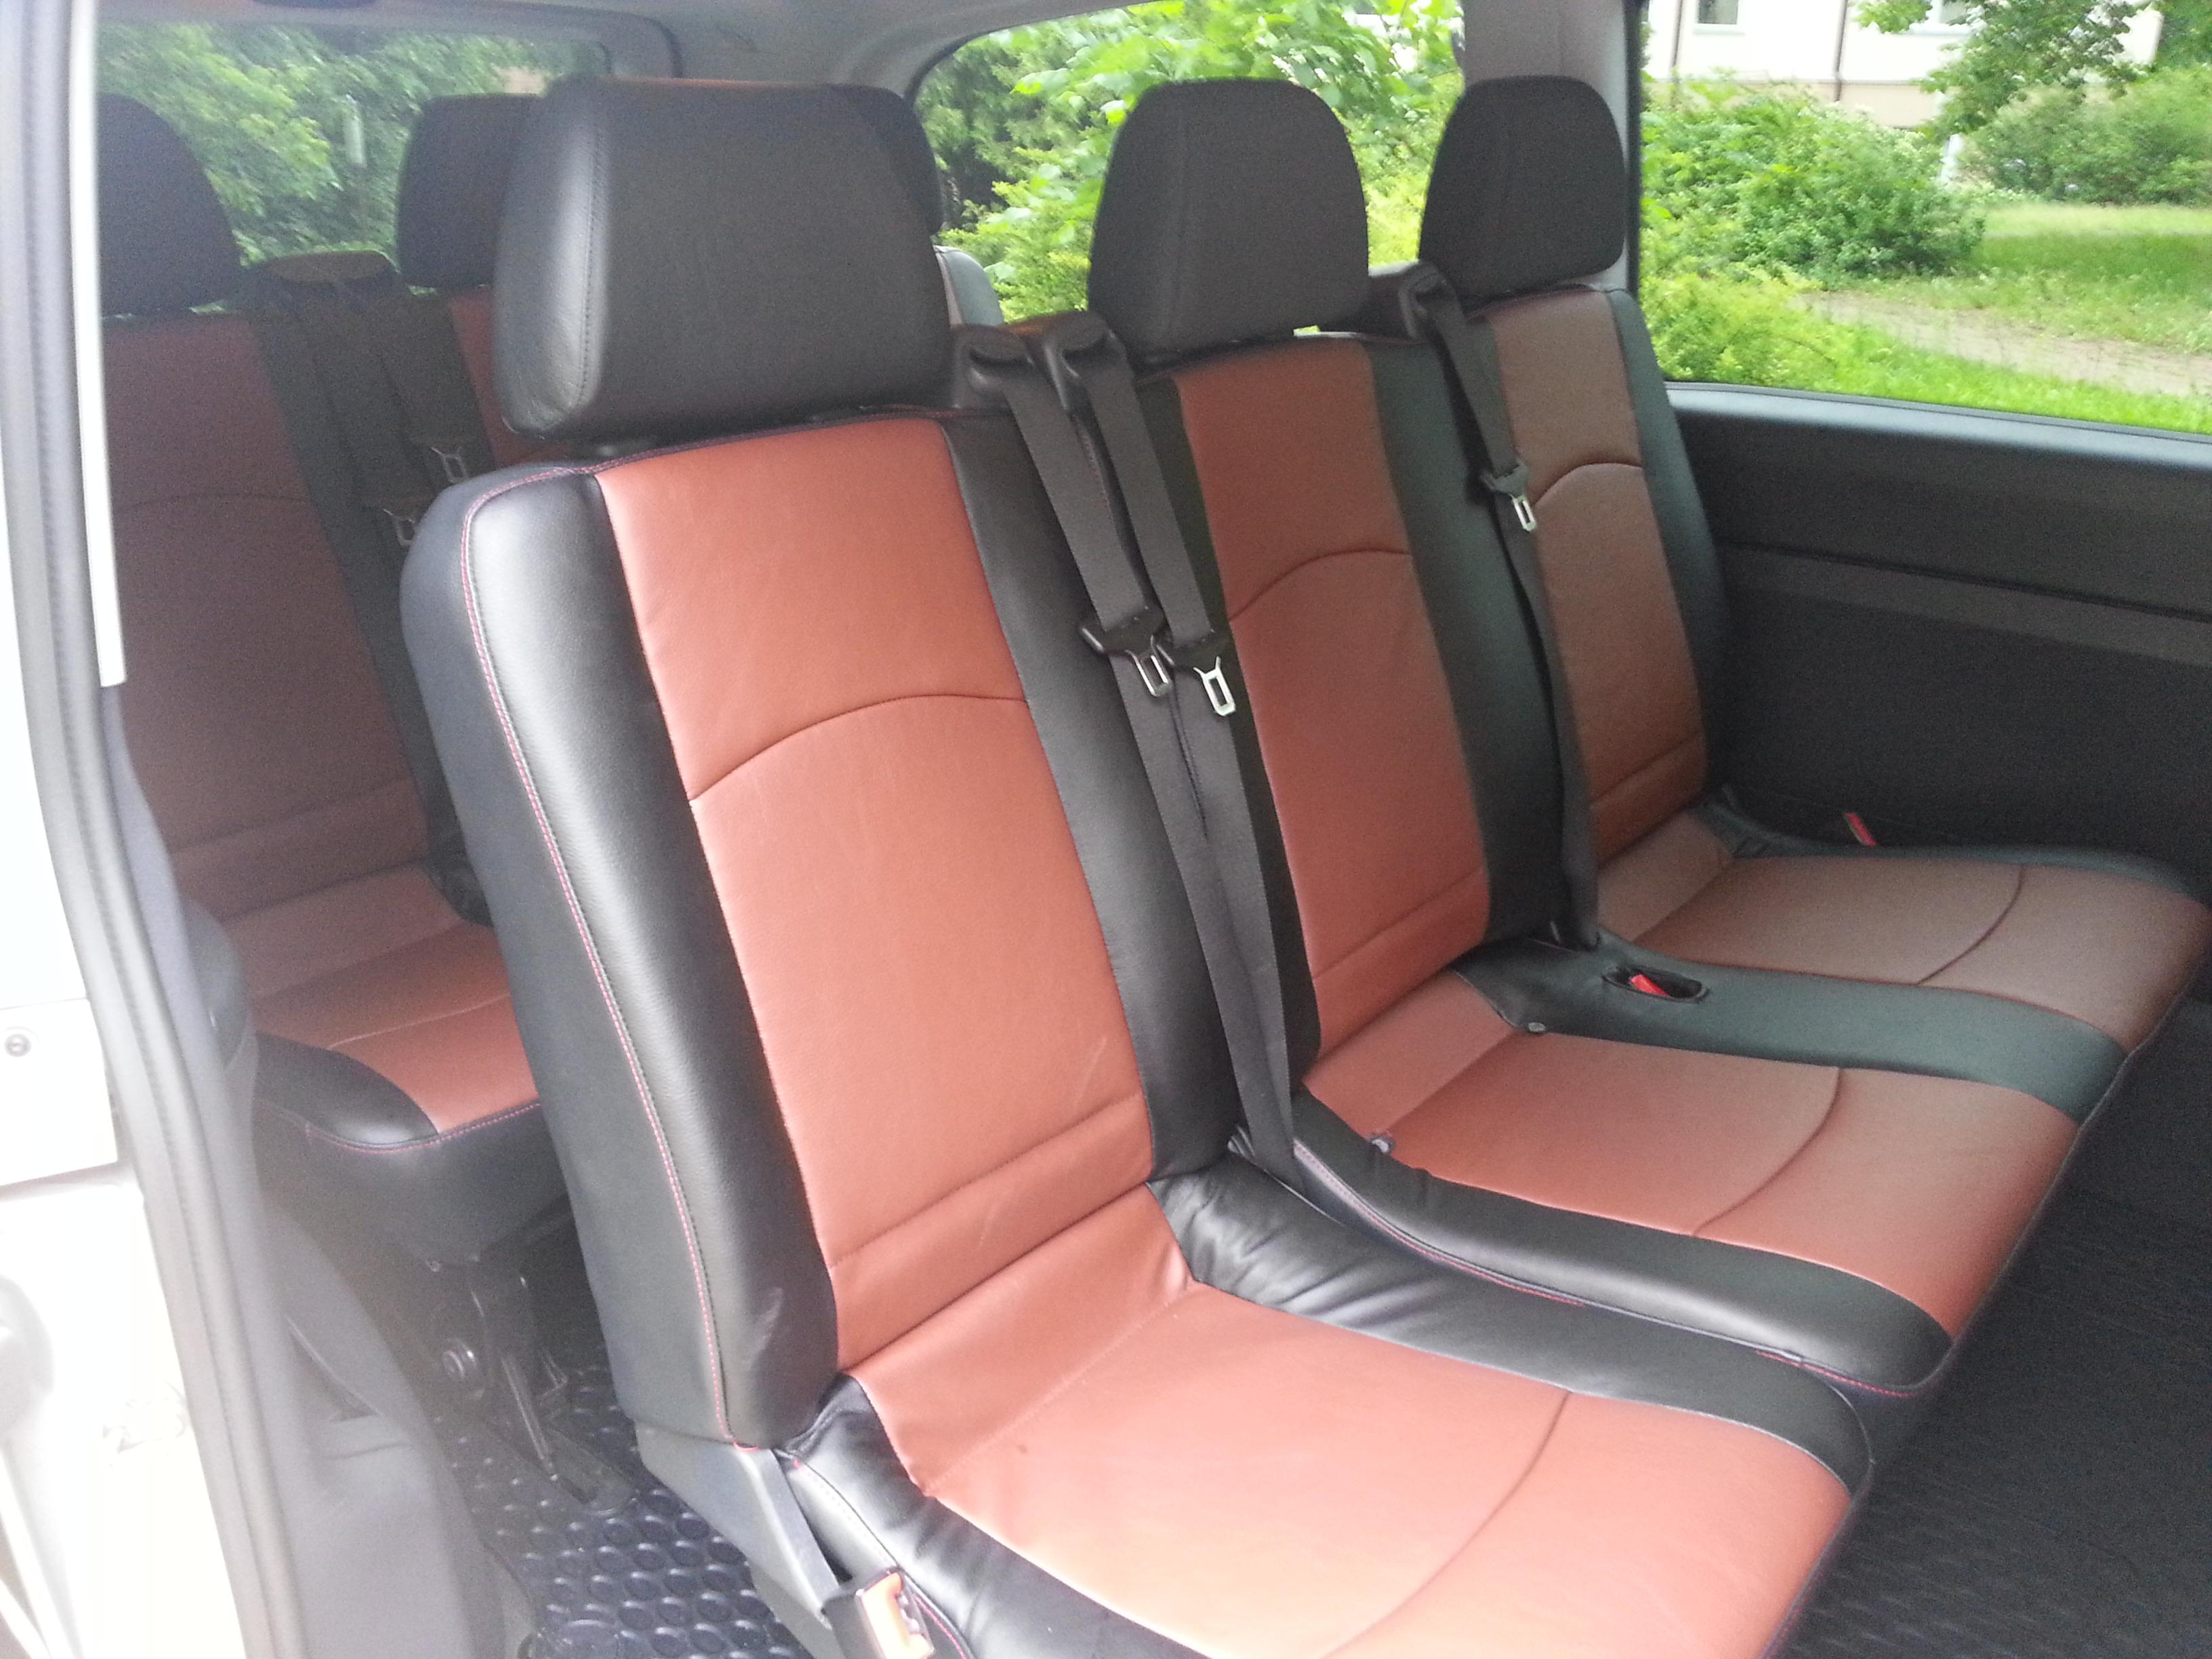 Mercedes-Benz Vito сиденья